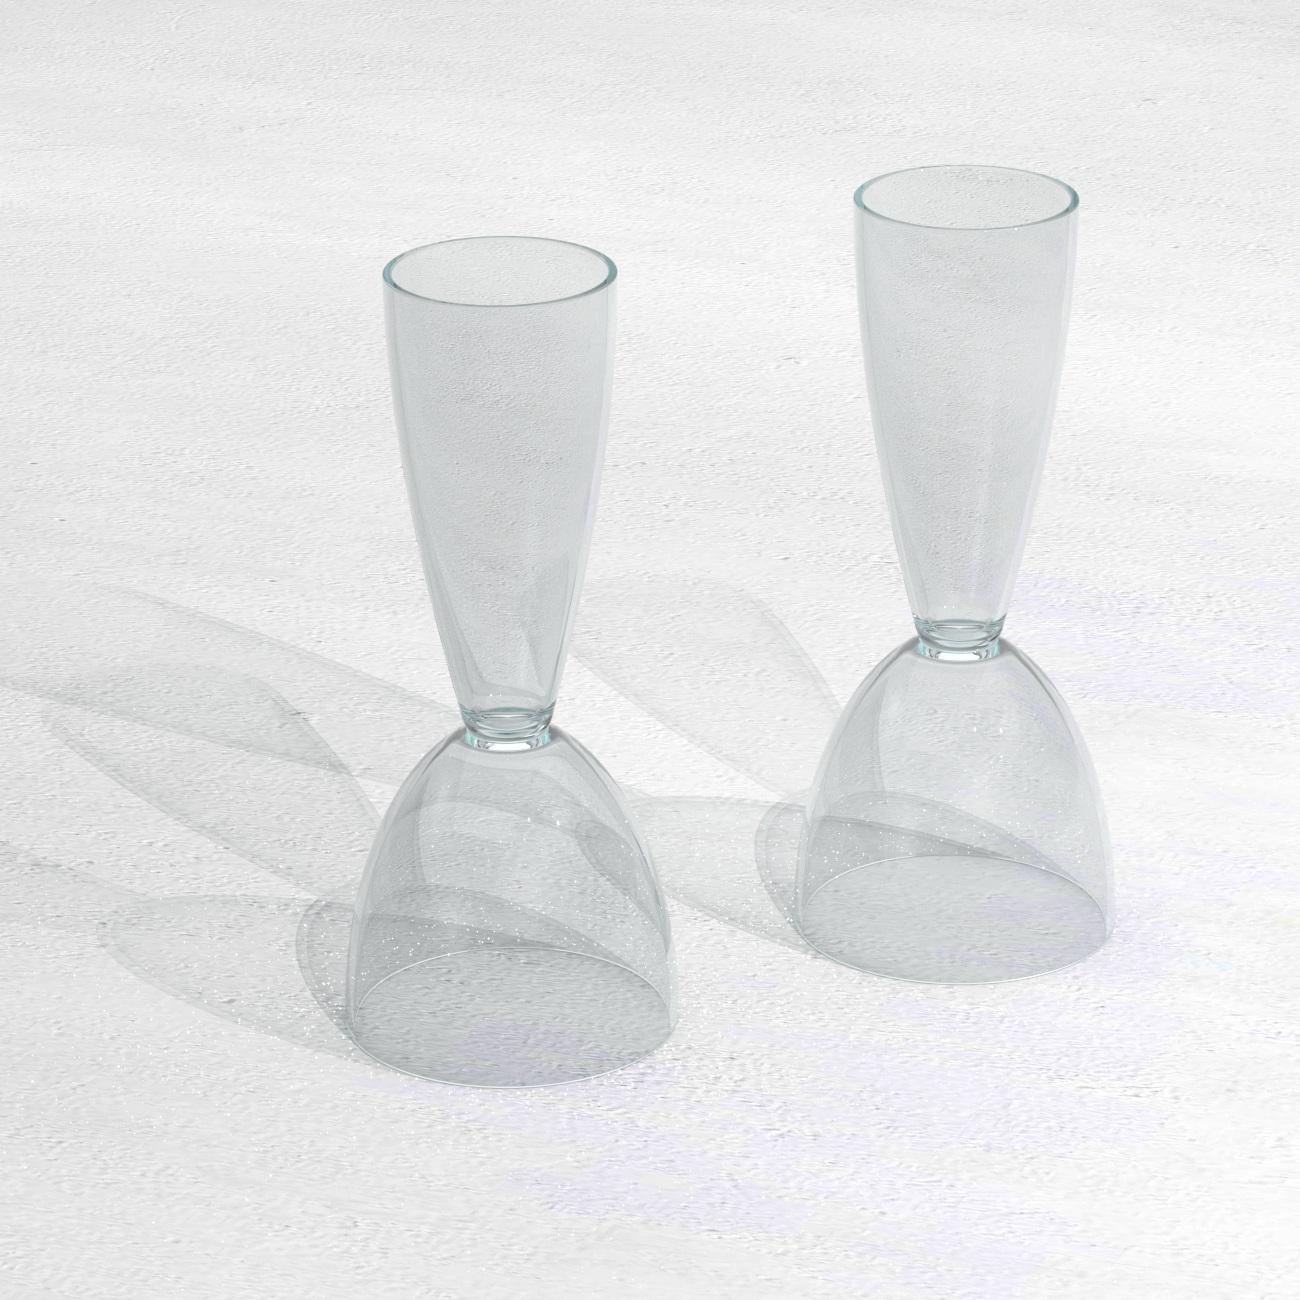 verres+11.jpg